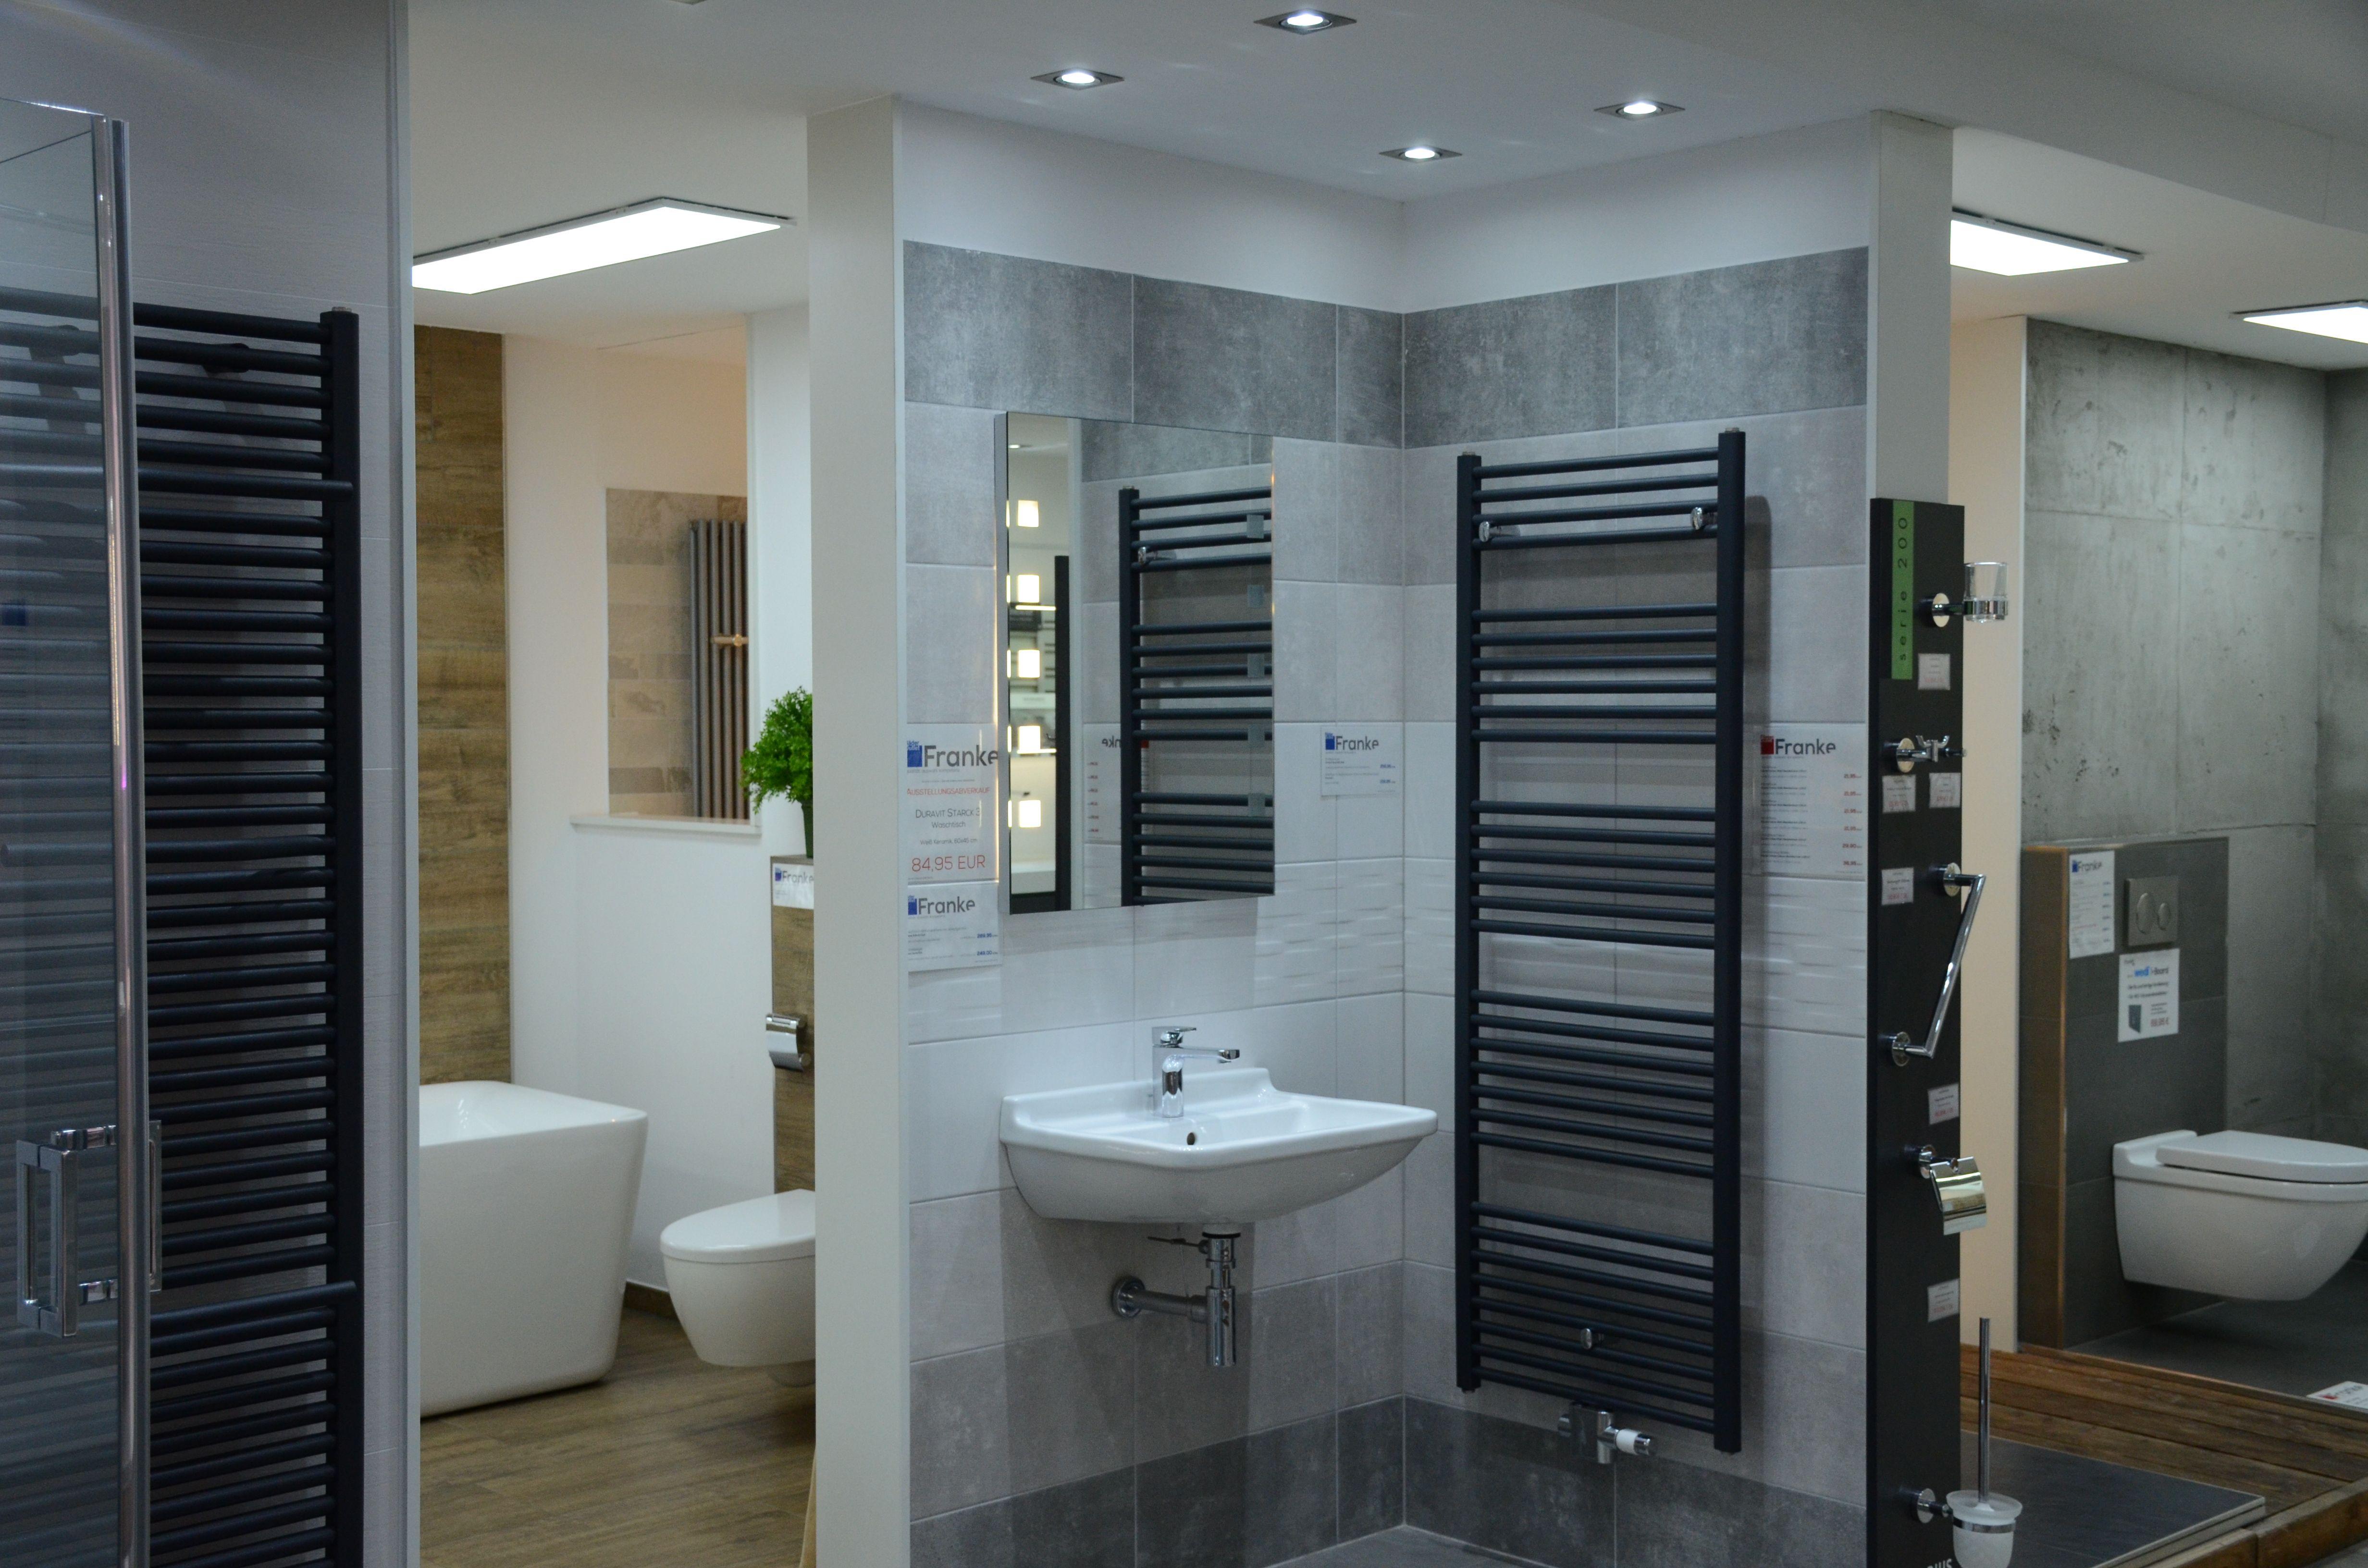 Badezimmer Muster In 2020 Badezimmer Muster Glamouroses Badezimmer Badezimmer Dekor